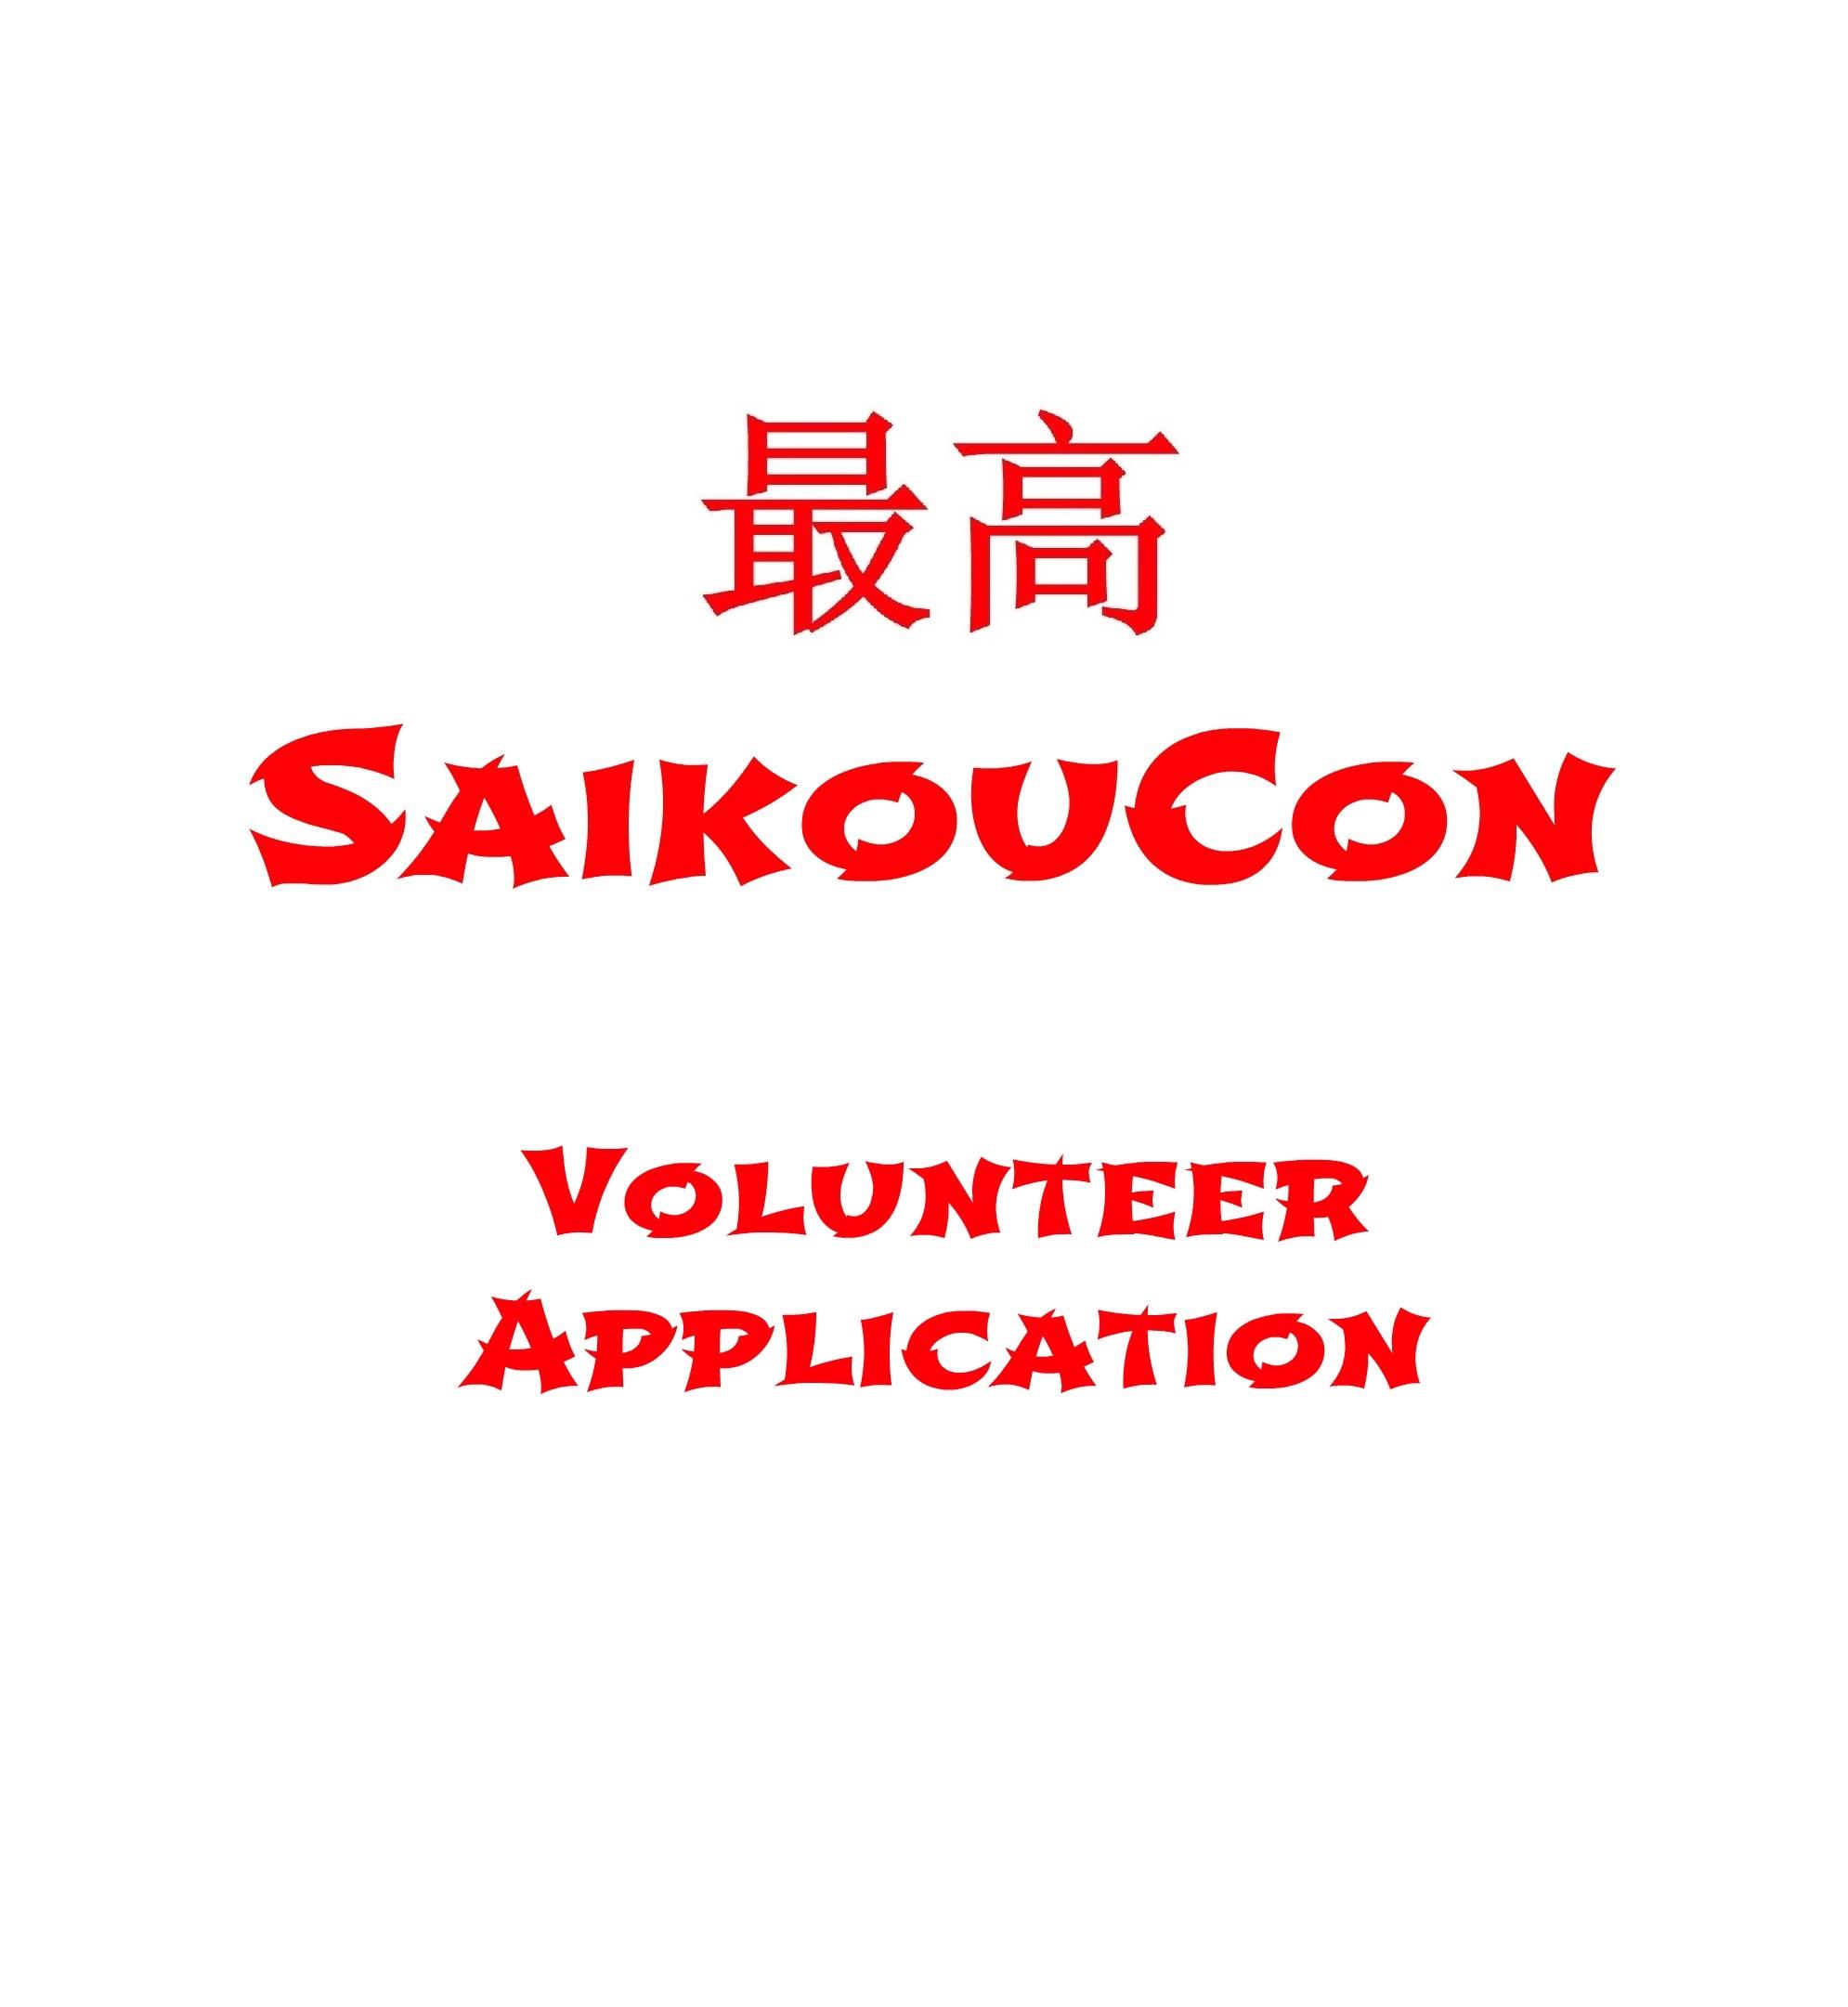 SaikouConVolunteerApp